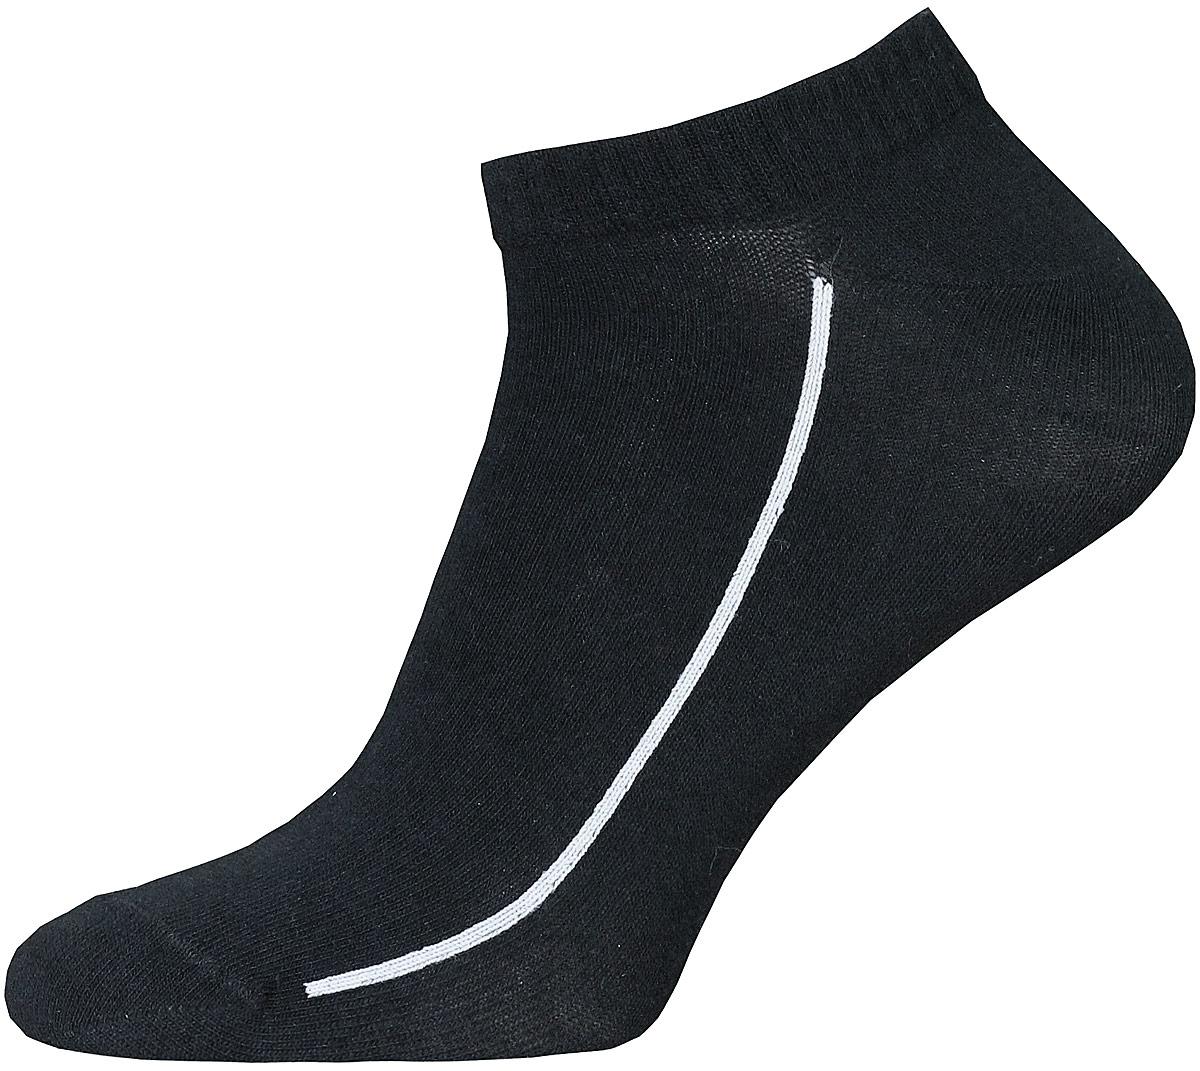 Носки мужские Брестские Active, цвет: черный. 14С2312/006. Размер 2514С2312/006Мужские носки Брестские Active, изготовленные из хлопка с добавлением полиэстера и эластана, идеально подойдут для занятий спортом. Укороченная модель имеет мягкую резинку с двойным бортом. Носки хорошо держат форму и обладают повышенной воздухопроницаемостью. Усиленные пятка и мысок обеспечивают надежность и долговечность.